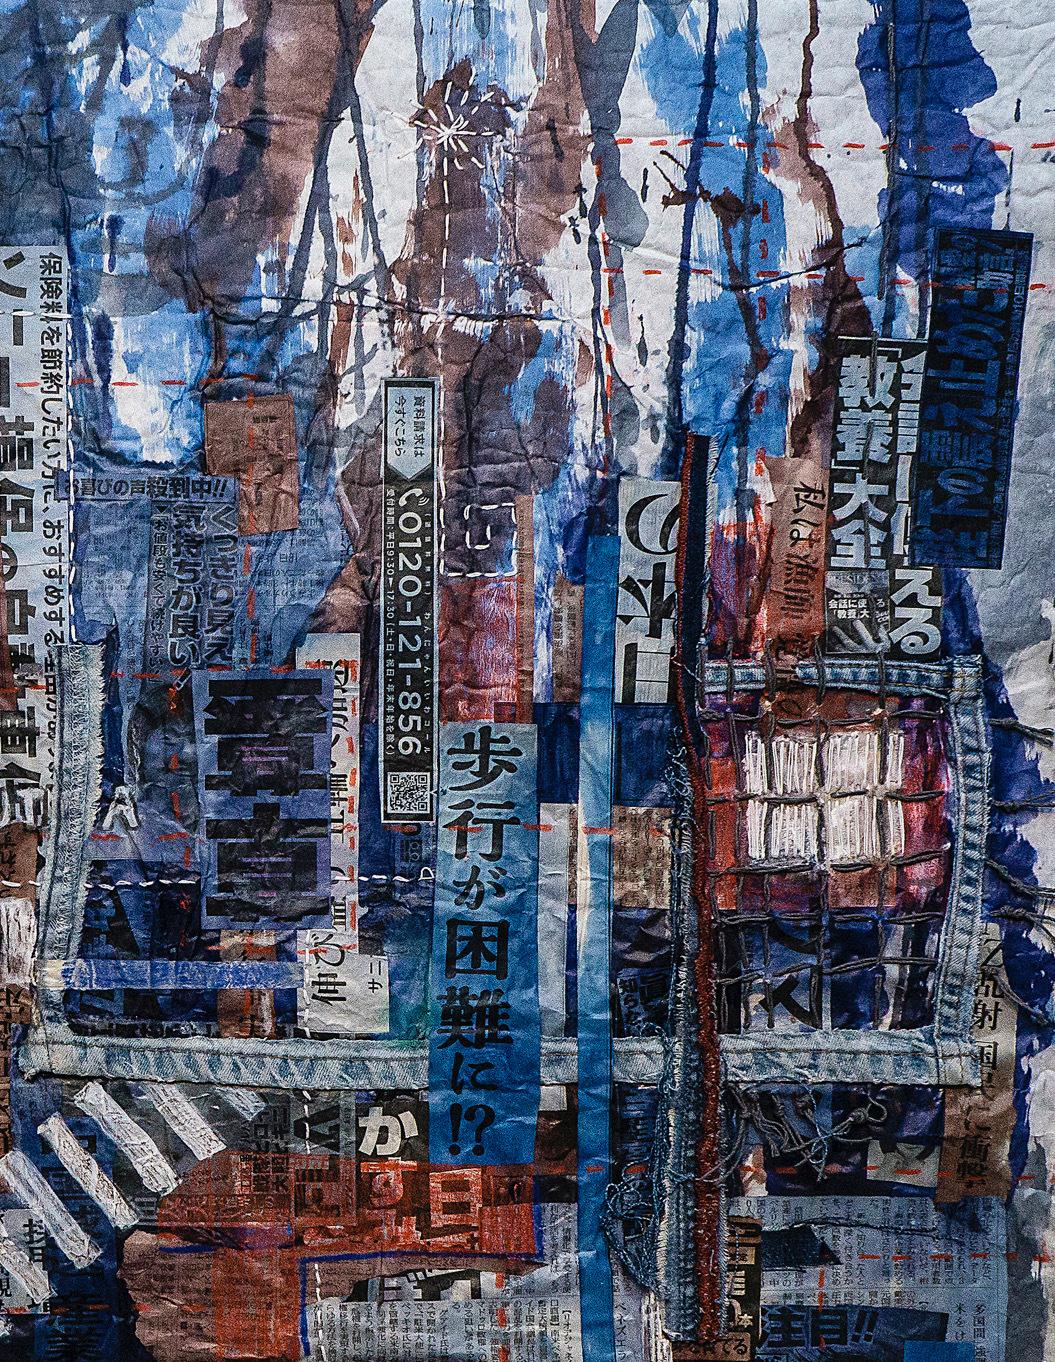 Muffy clark gill shibuya crossing detail 34 x 28 in mixed media luylwx